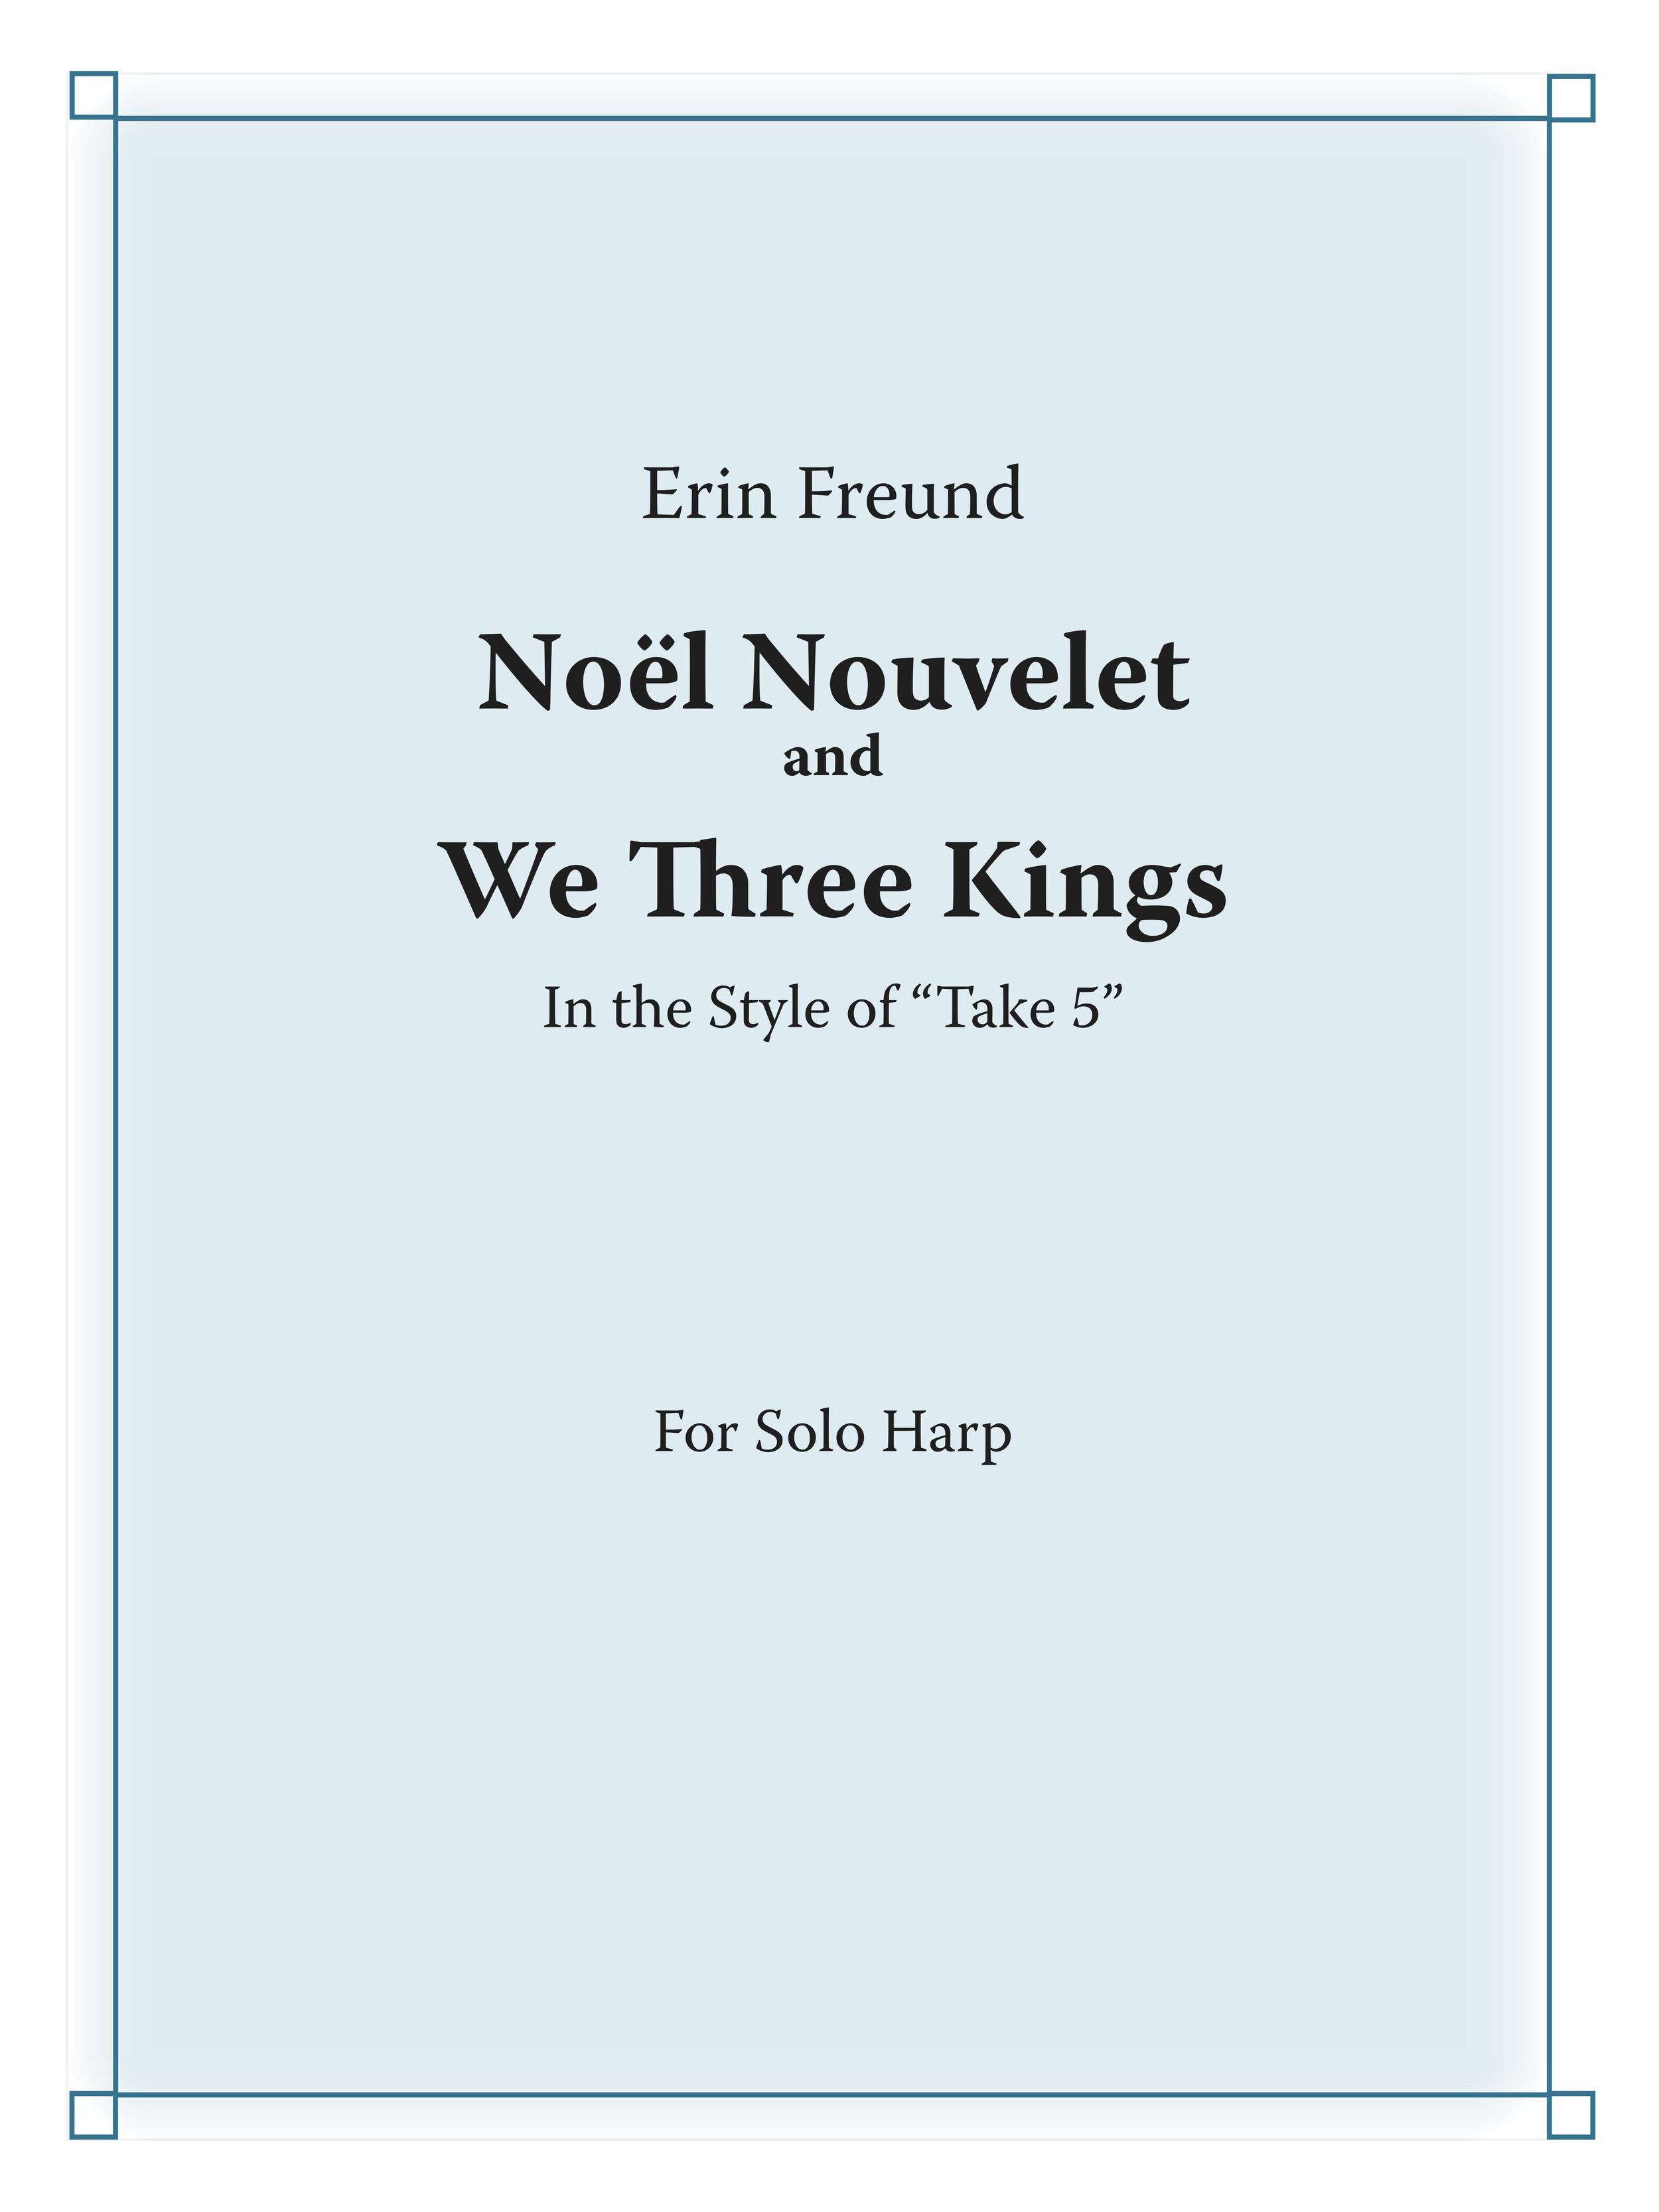 Noel Nouvelet page 1.jpg